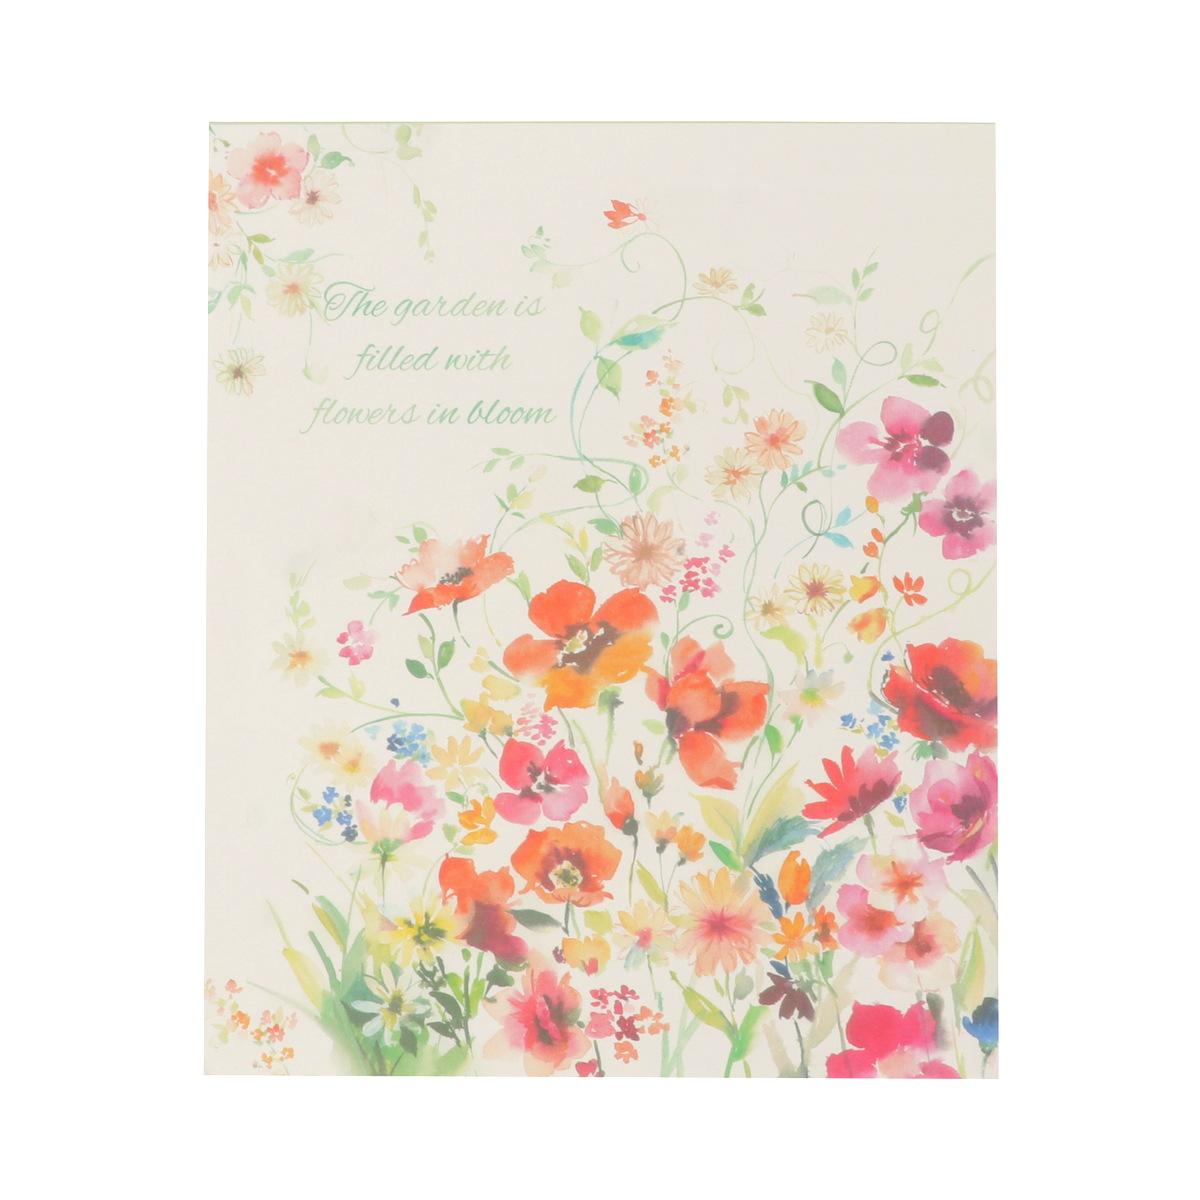 便箋 咲き誇る庭|pd-580